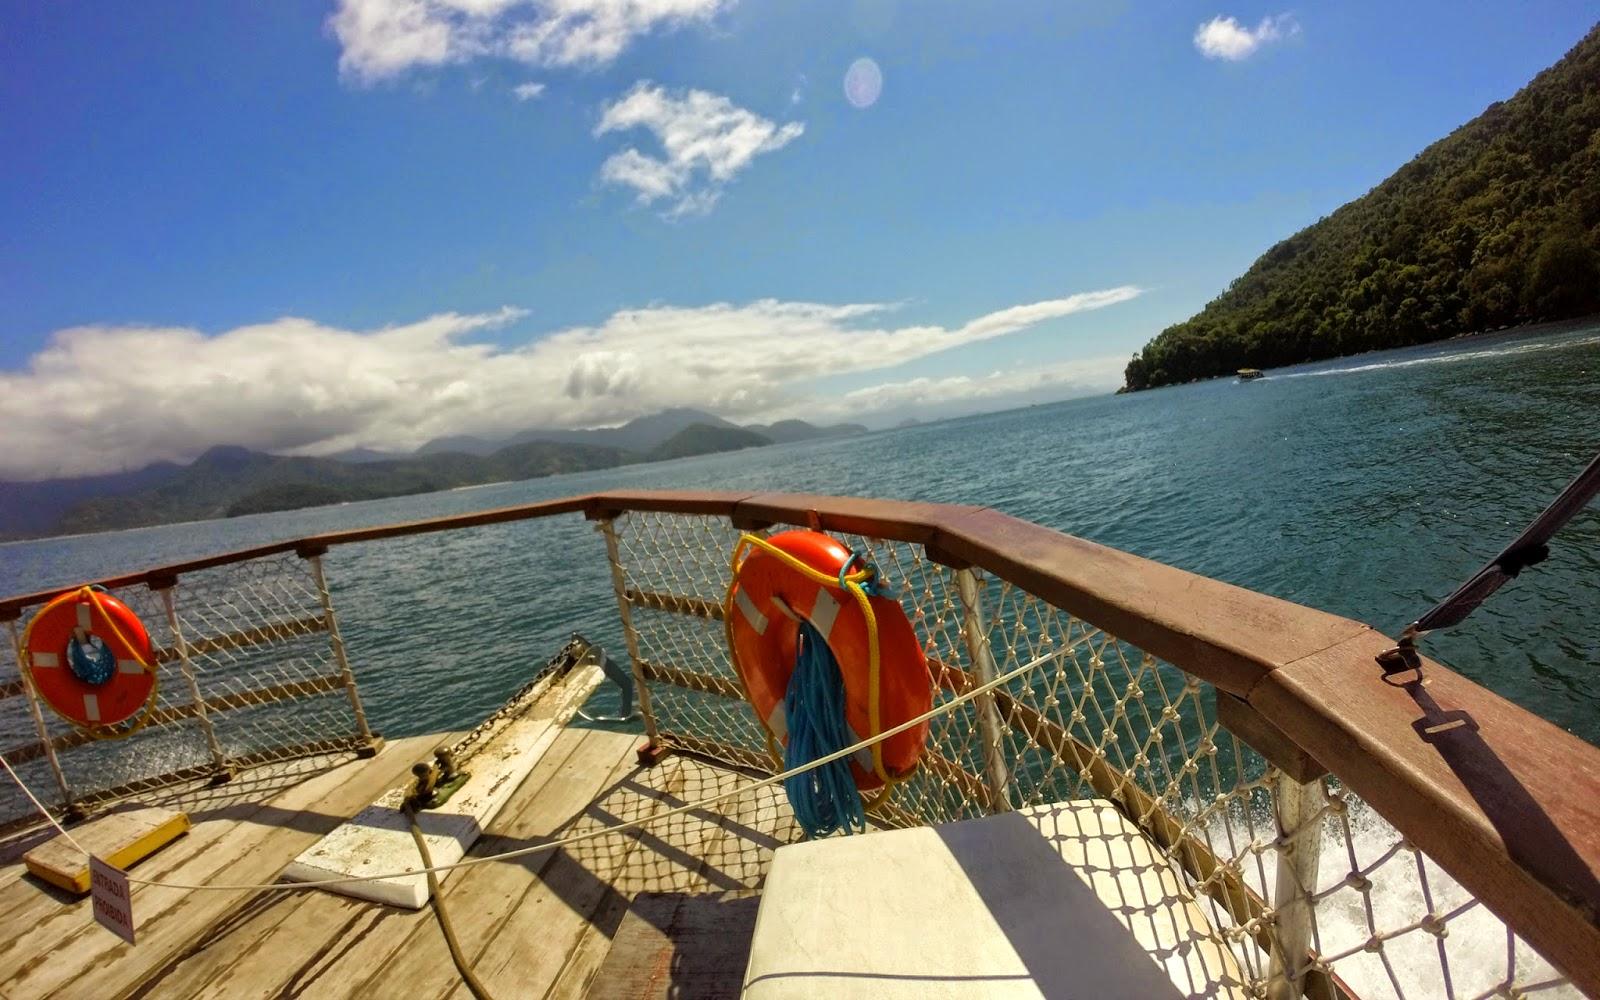 Passeio de Barco em Ubatuba